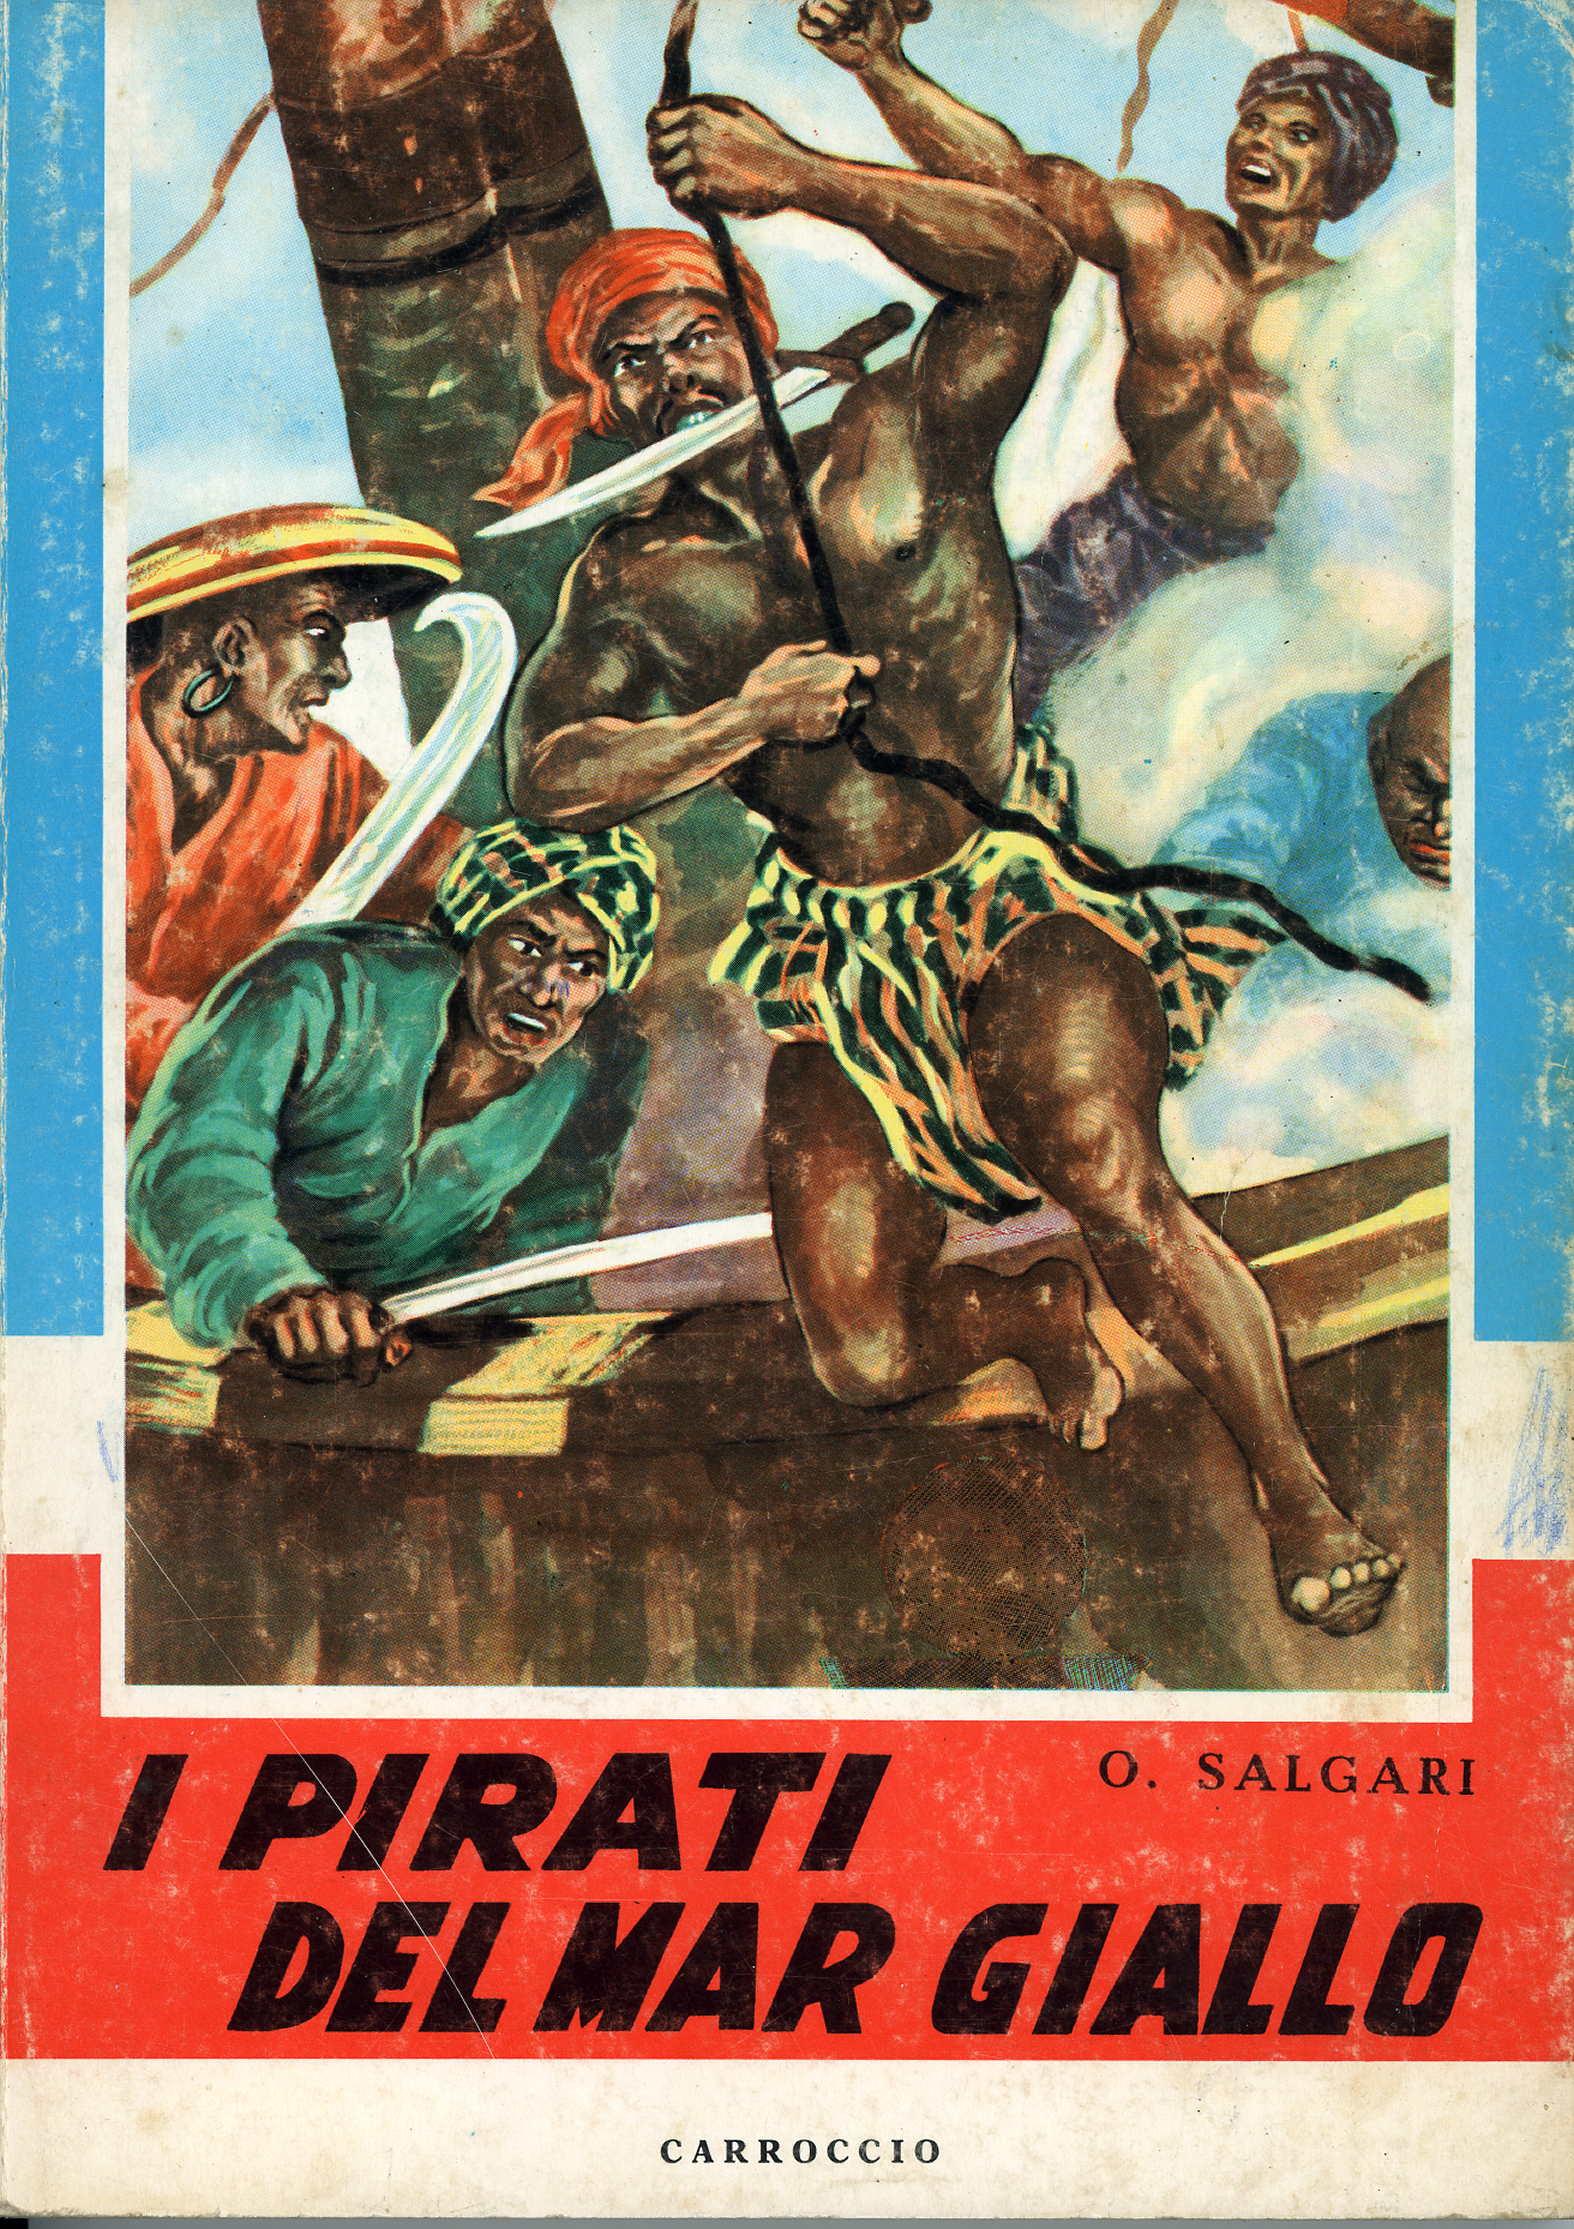 I pirati del Mar Giallo